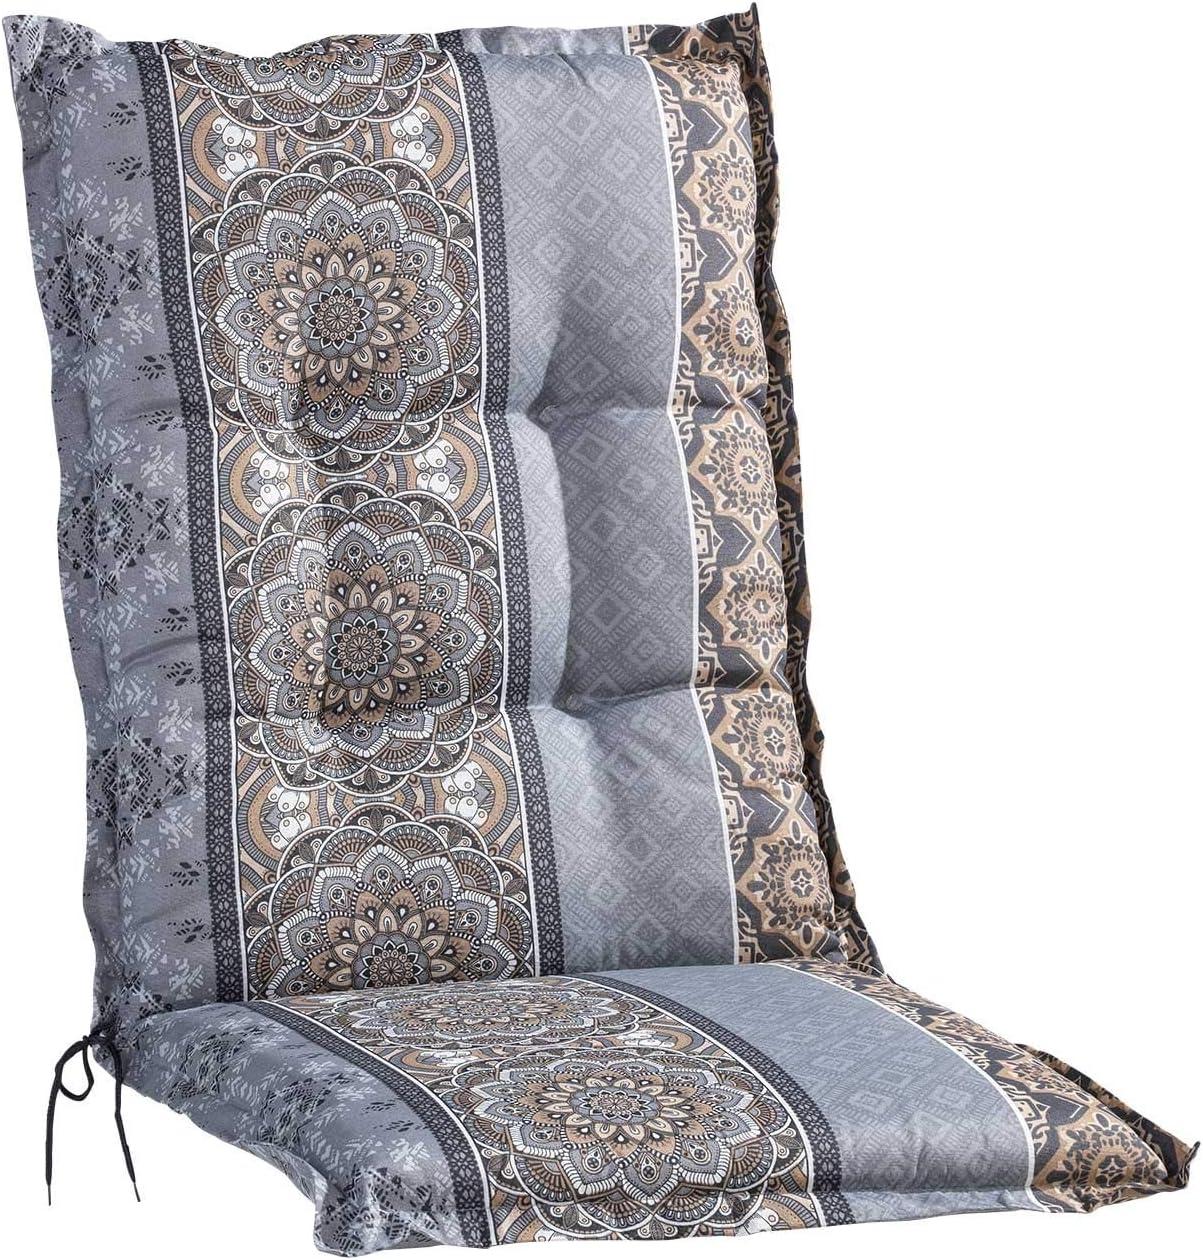 Braun Polyester Mandalamotiv Sesselauflage Sitzpolster Gartenstuhlauflage f/ür Mittellehner 50 cm x 110 cm Baumwolle